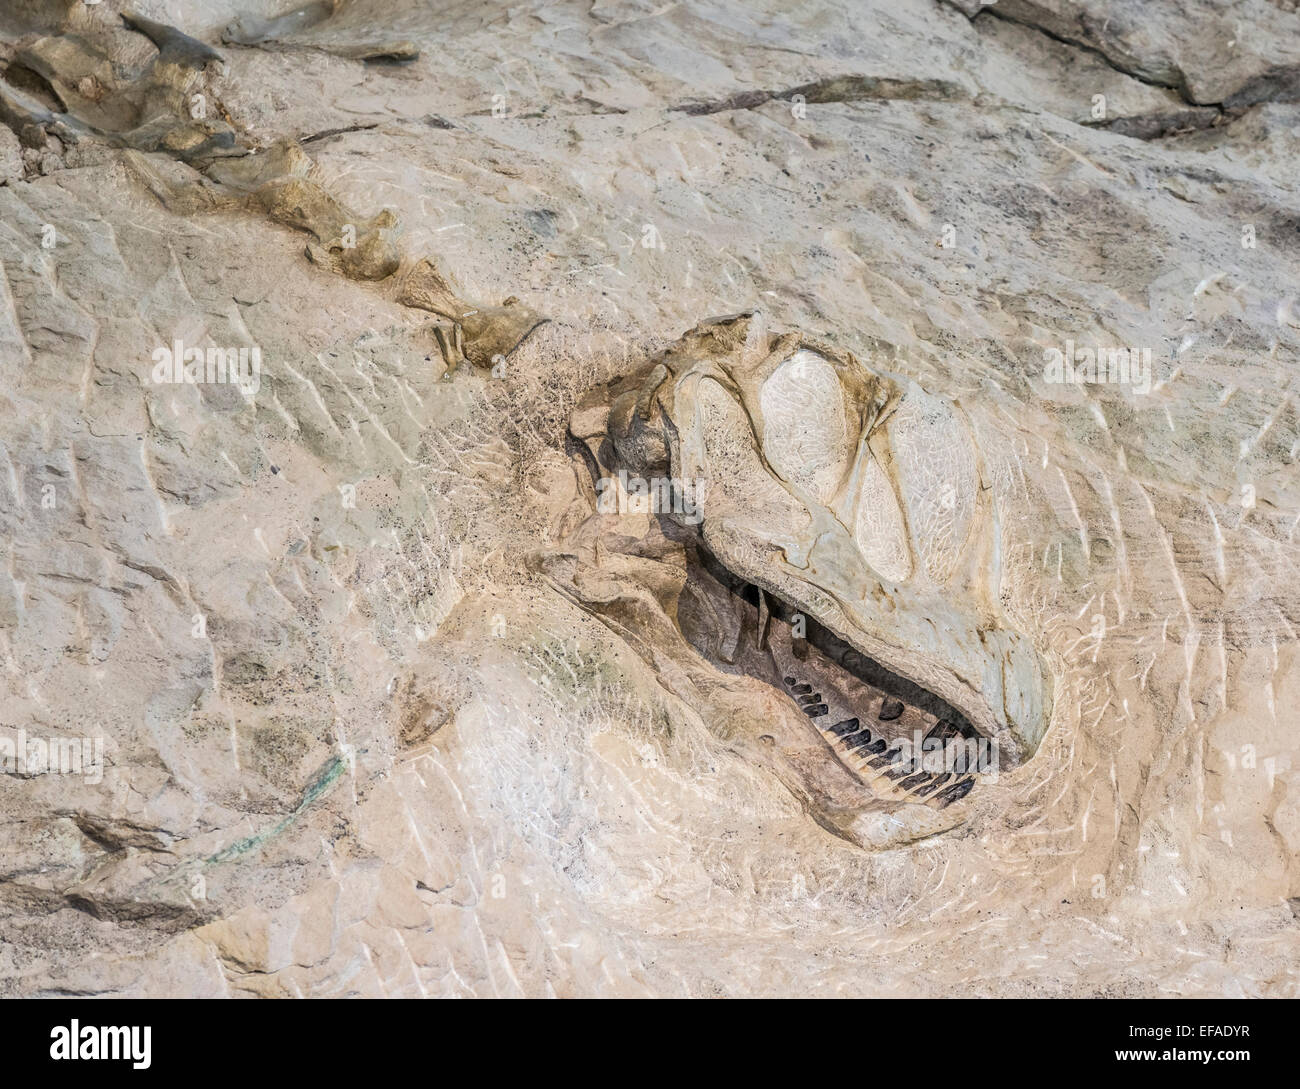 Covered findspot of dinosaur bones, Dinosaur National Monument, Jensen, Utah, United States - Stock Image